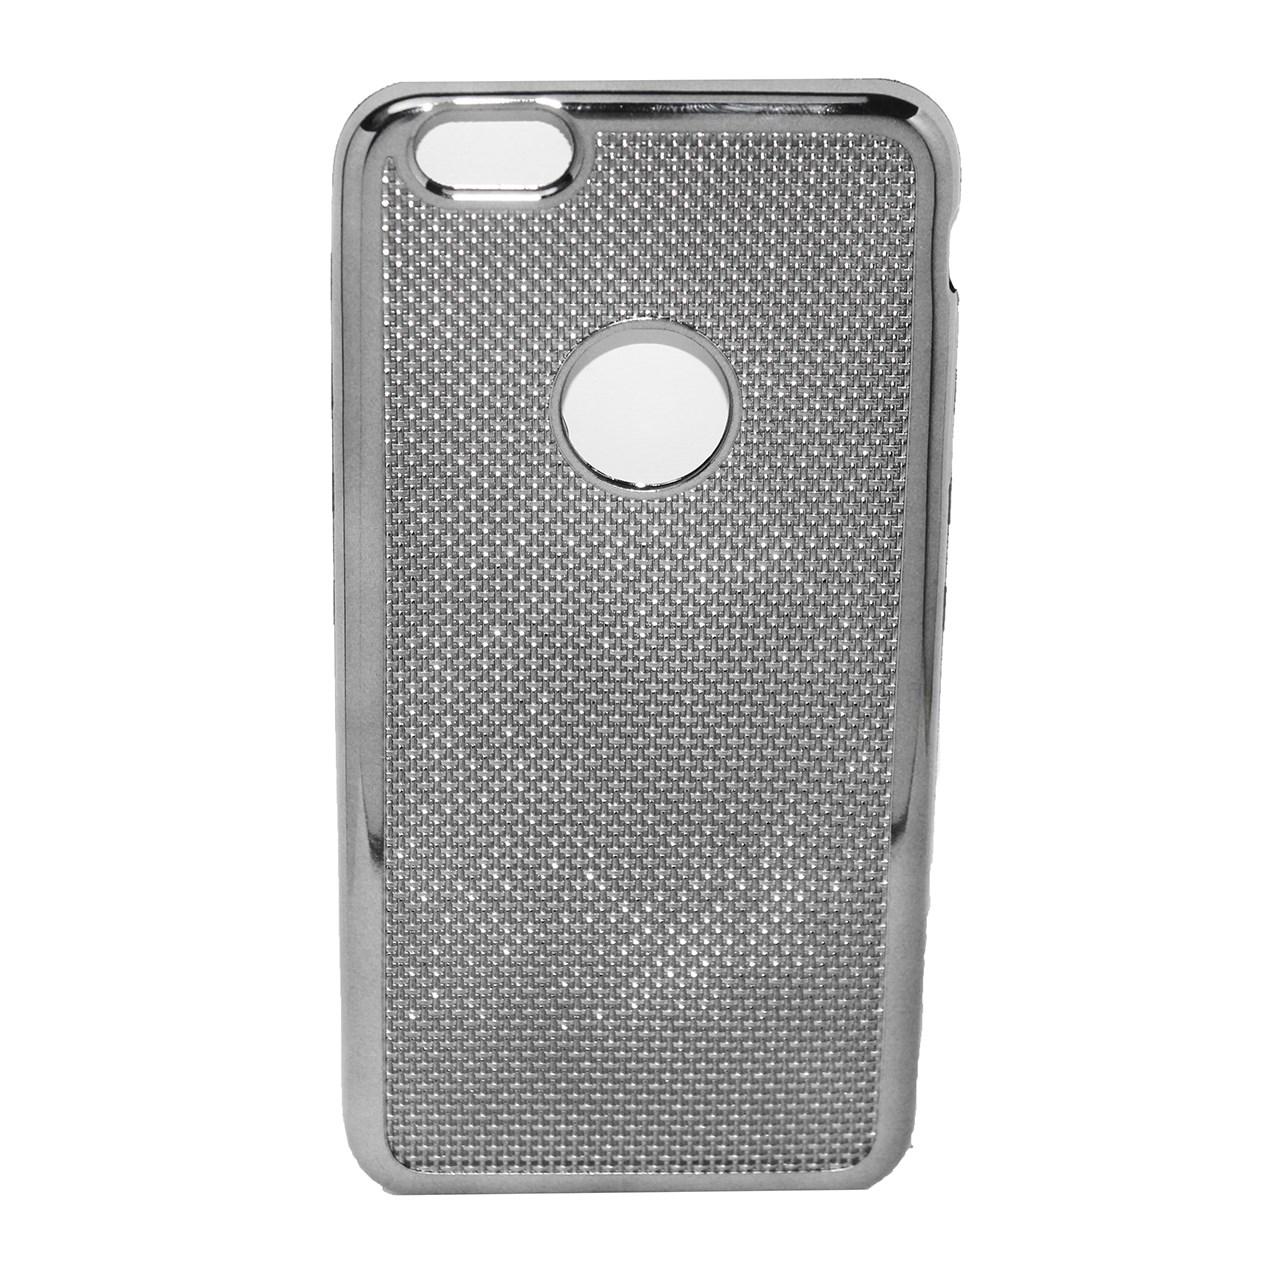 کاور سیلیکونی فشن کیس مدل BP6 مناسب برای گوشی آیفون 6plus/6s plus